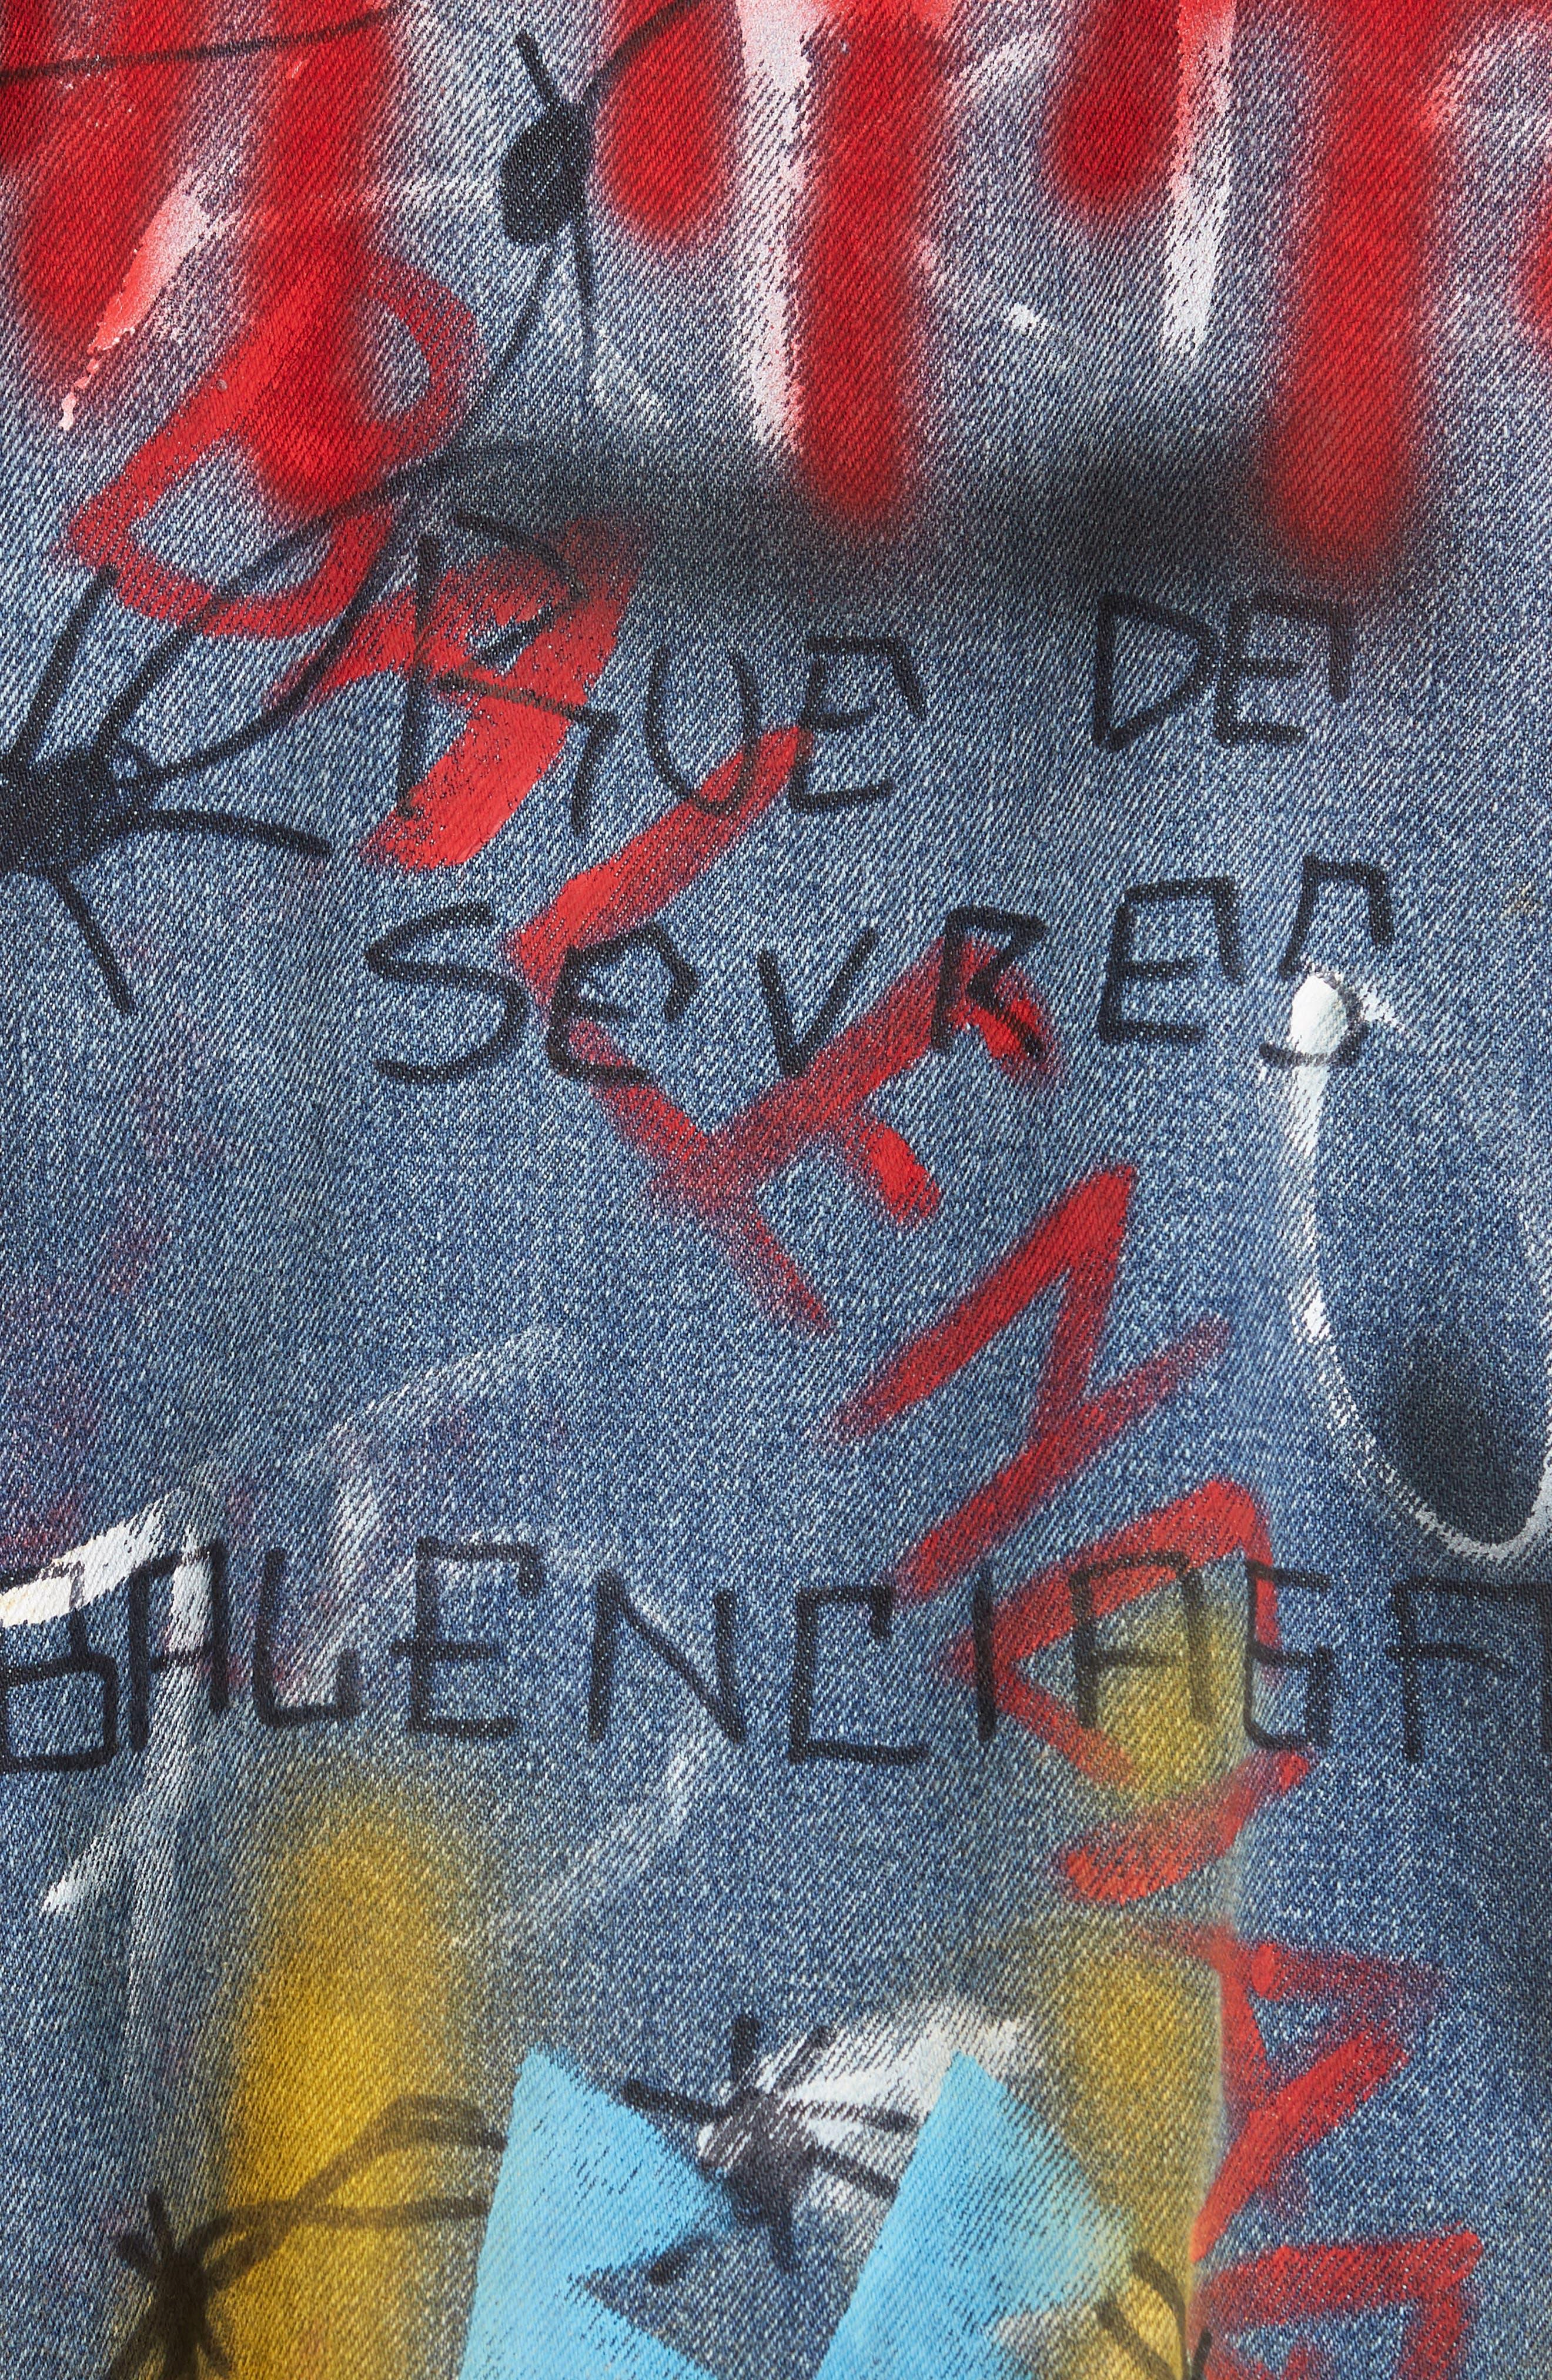 Graffiti Print Denim Jacket,                             Alternate thumbnail 6, color,                             400